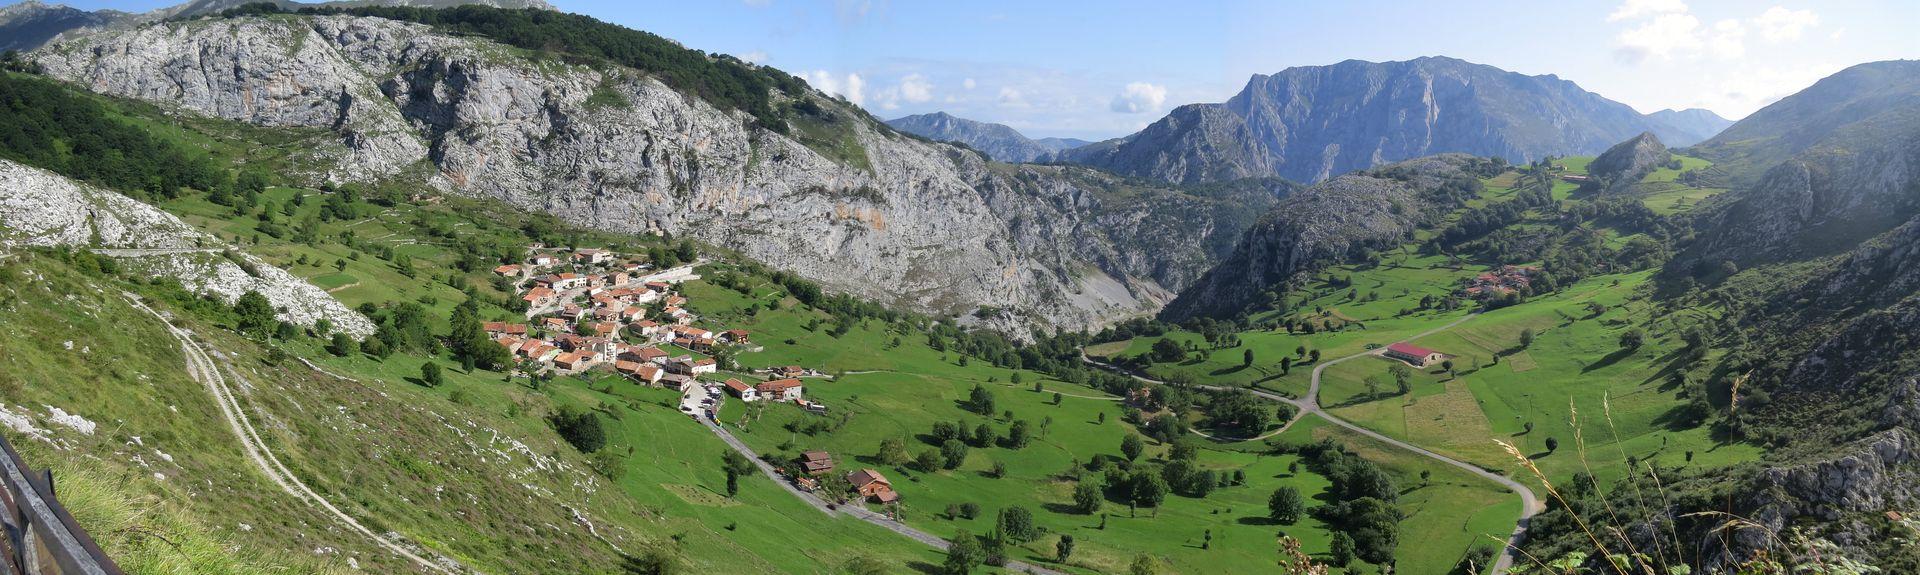 Ojedo, Cantabria, Spain